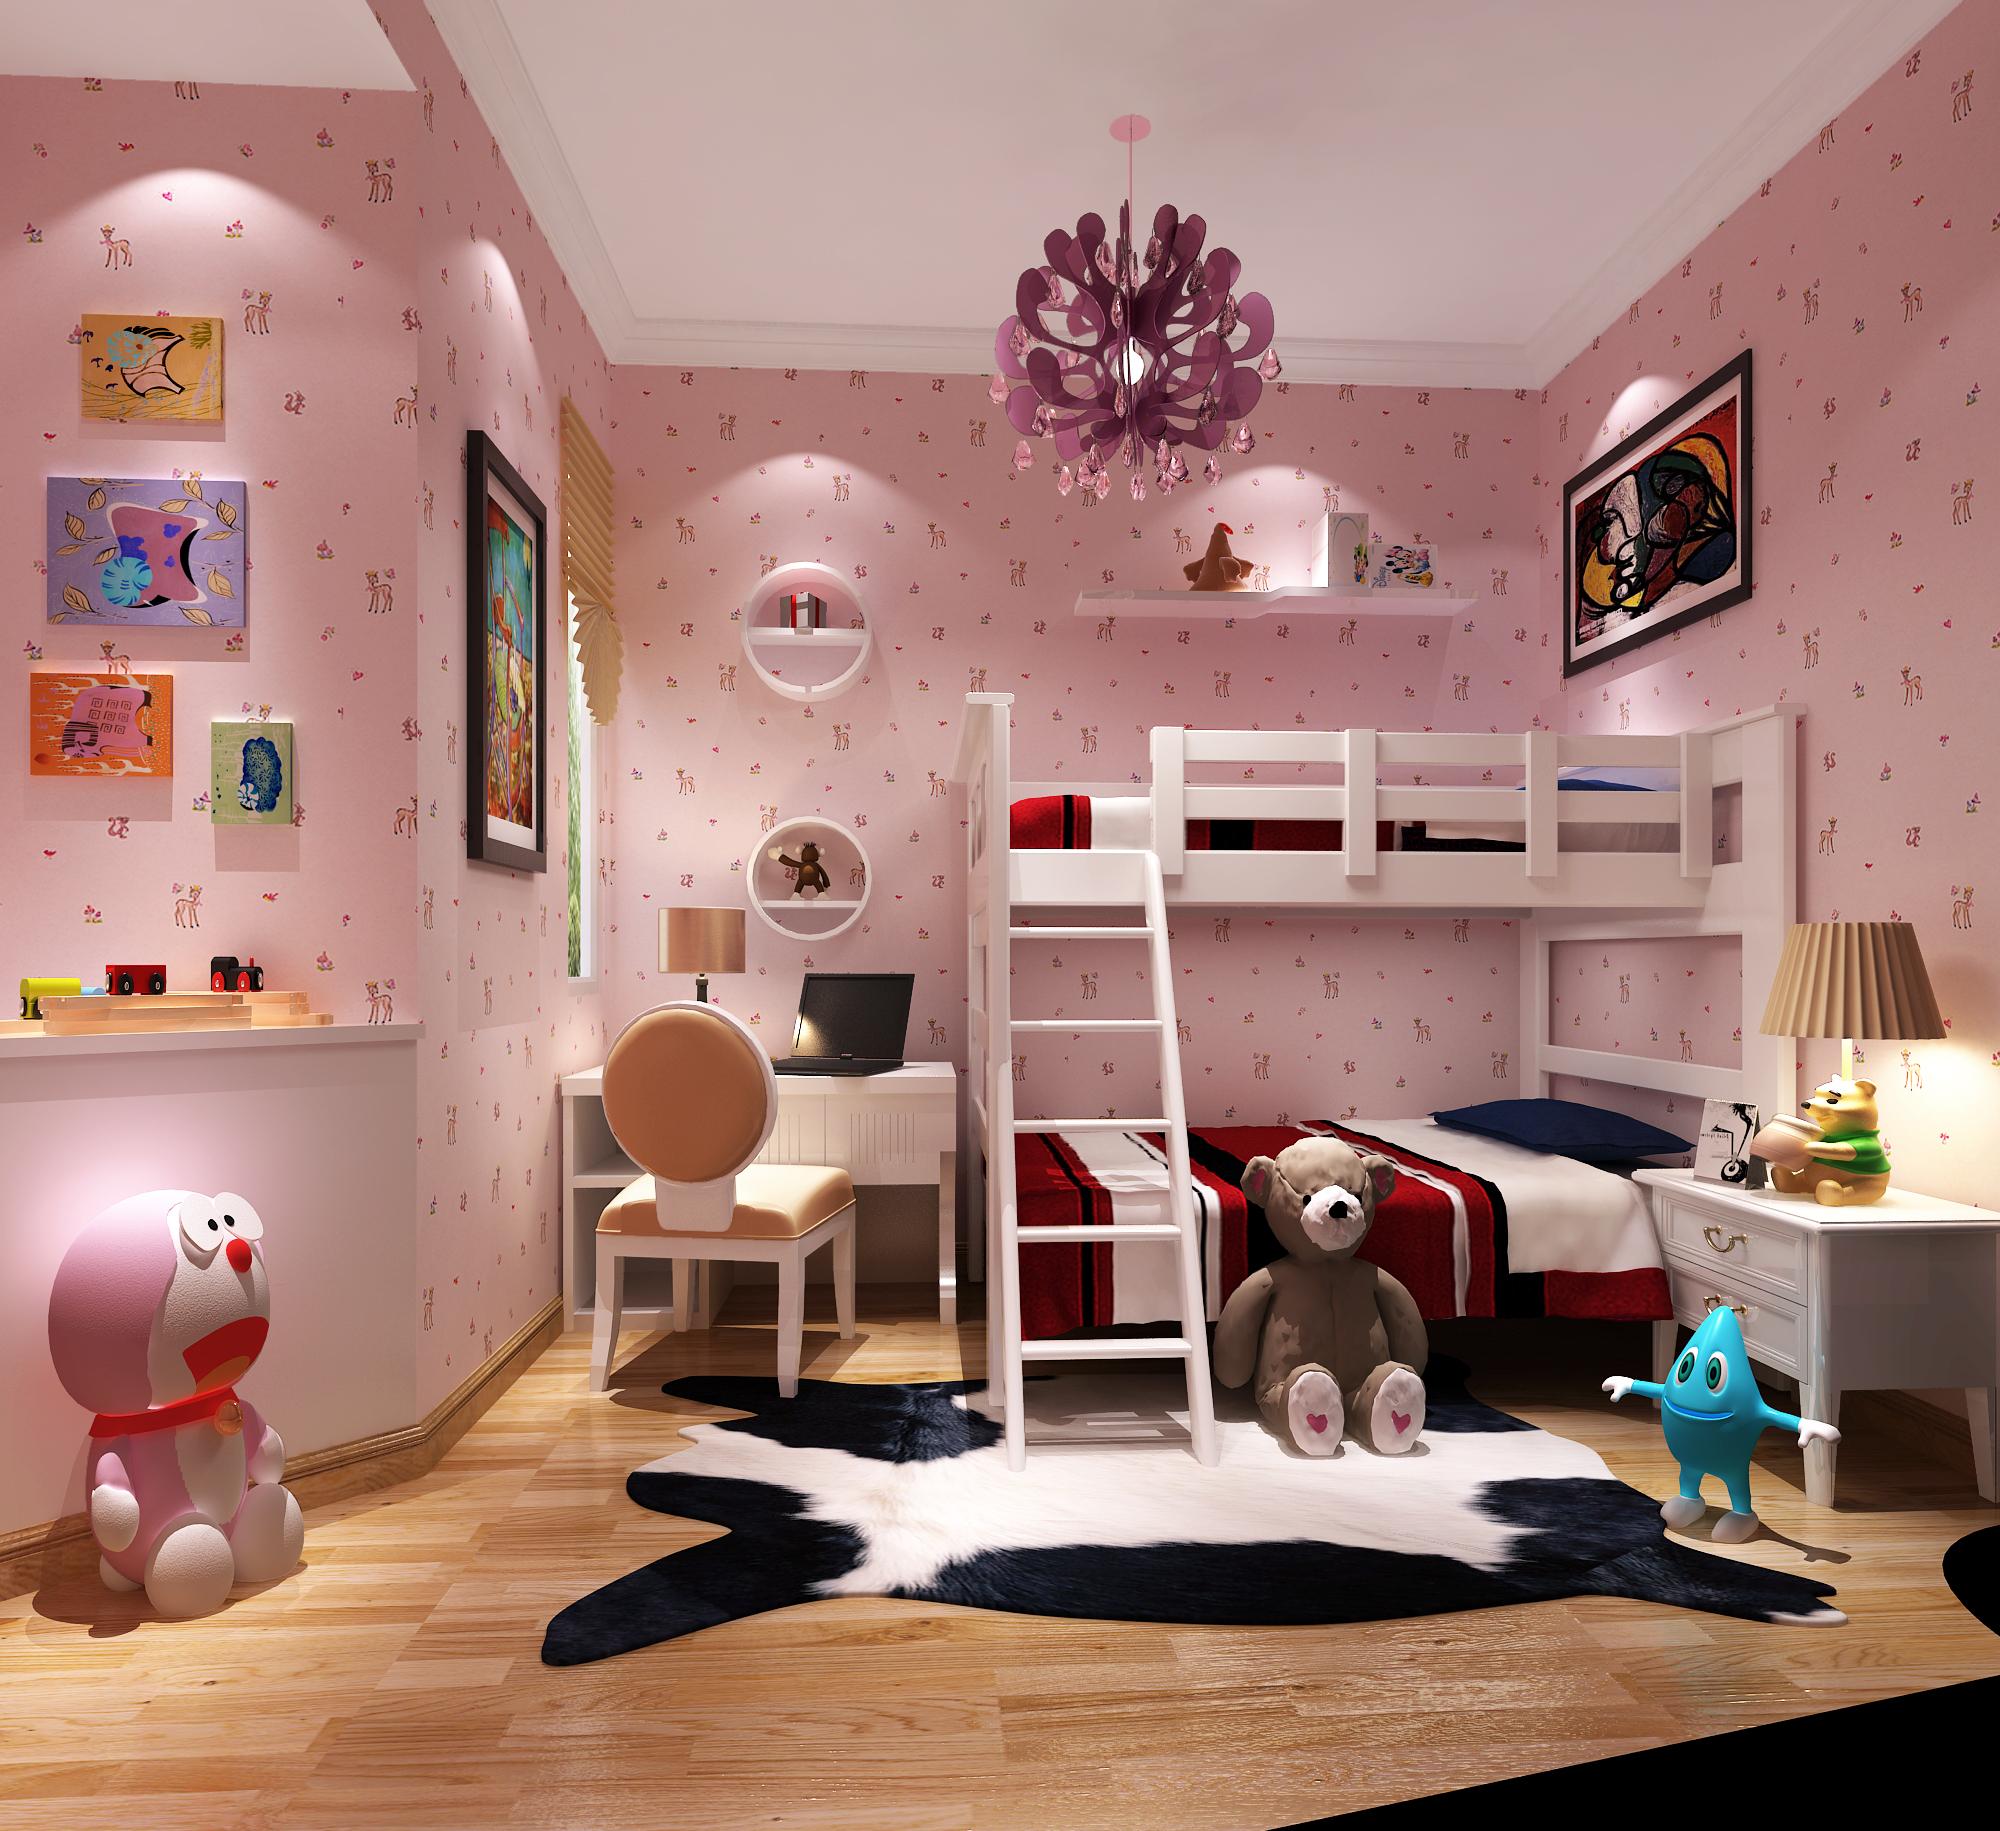 小清新 儿童房 简约 欧式 白富美 高富帅 屌丝 高度国际 白领图片来自高度国际装饰舒博在蓝精灵、K2儿童房的分享